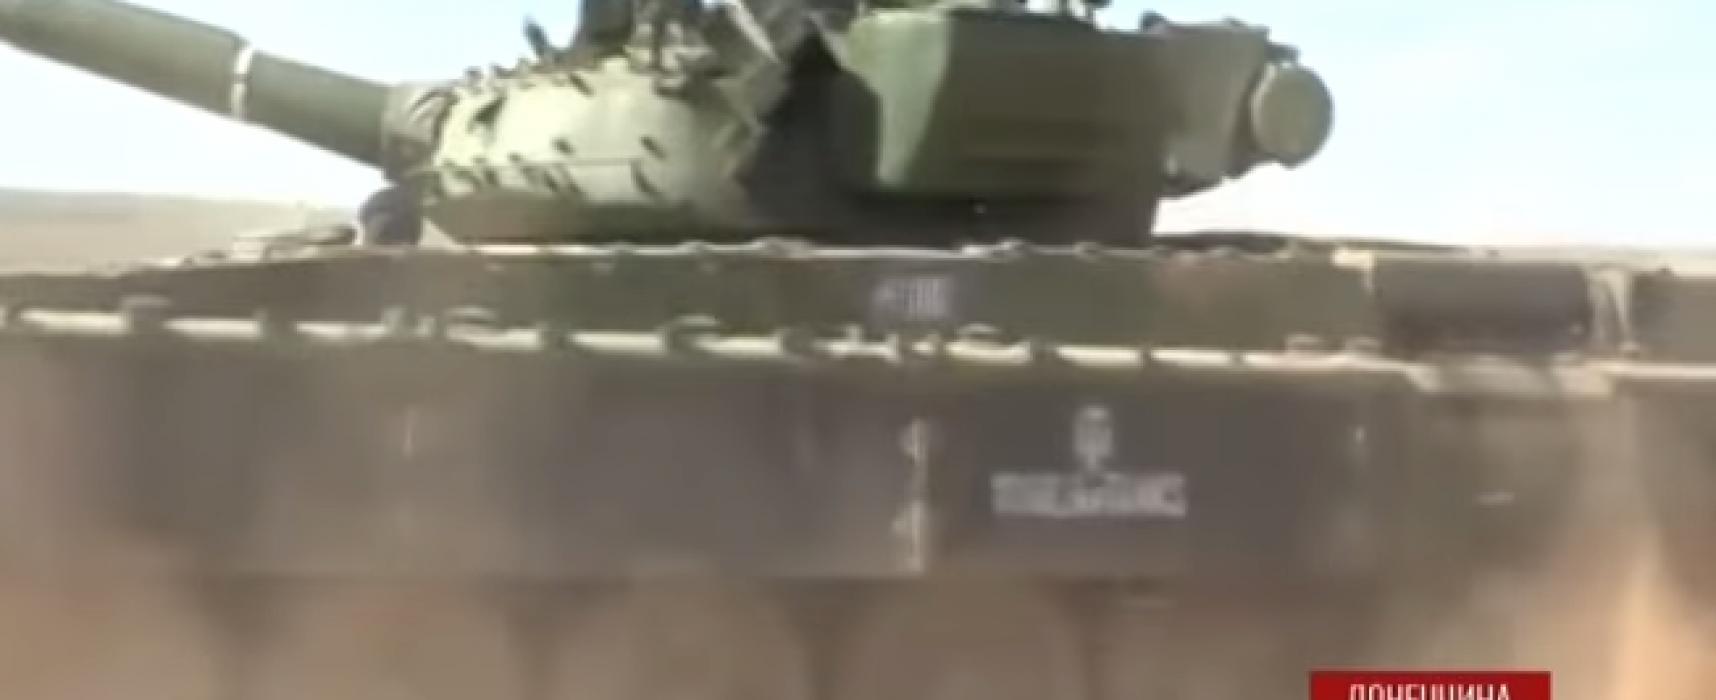 Ряд СМИ оболгал канал 1+1 в новости о российских танках в Украине